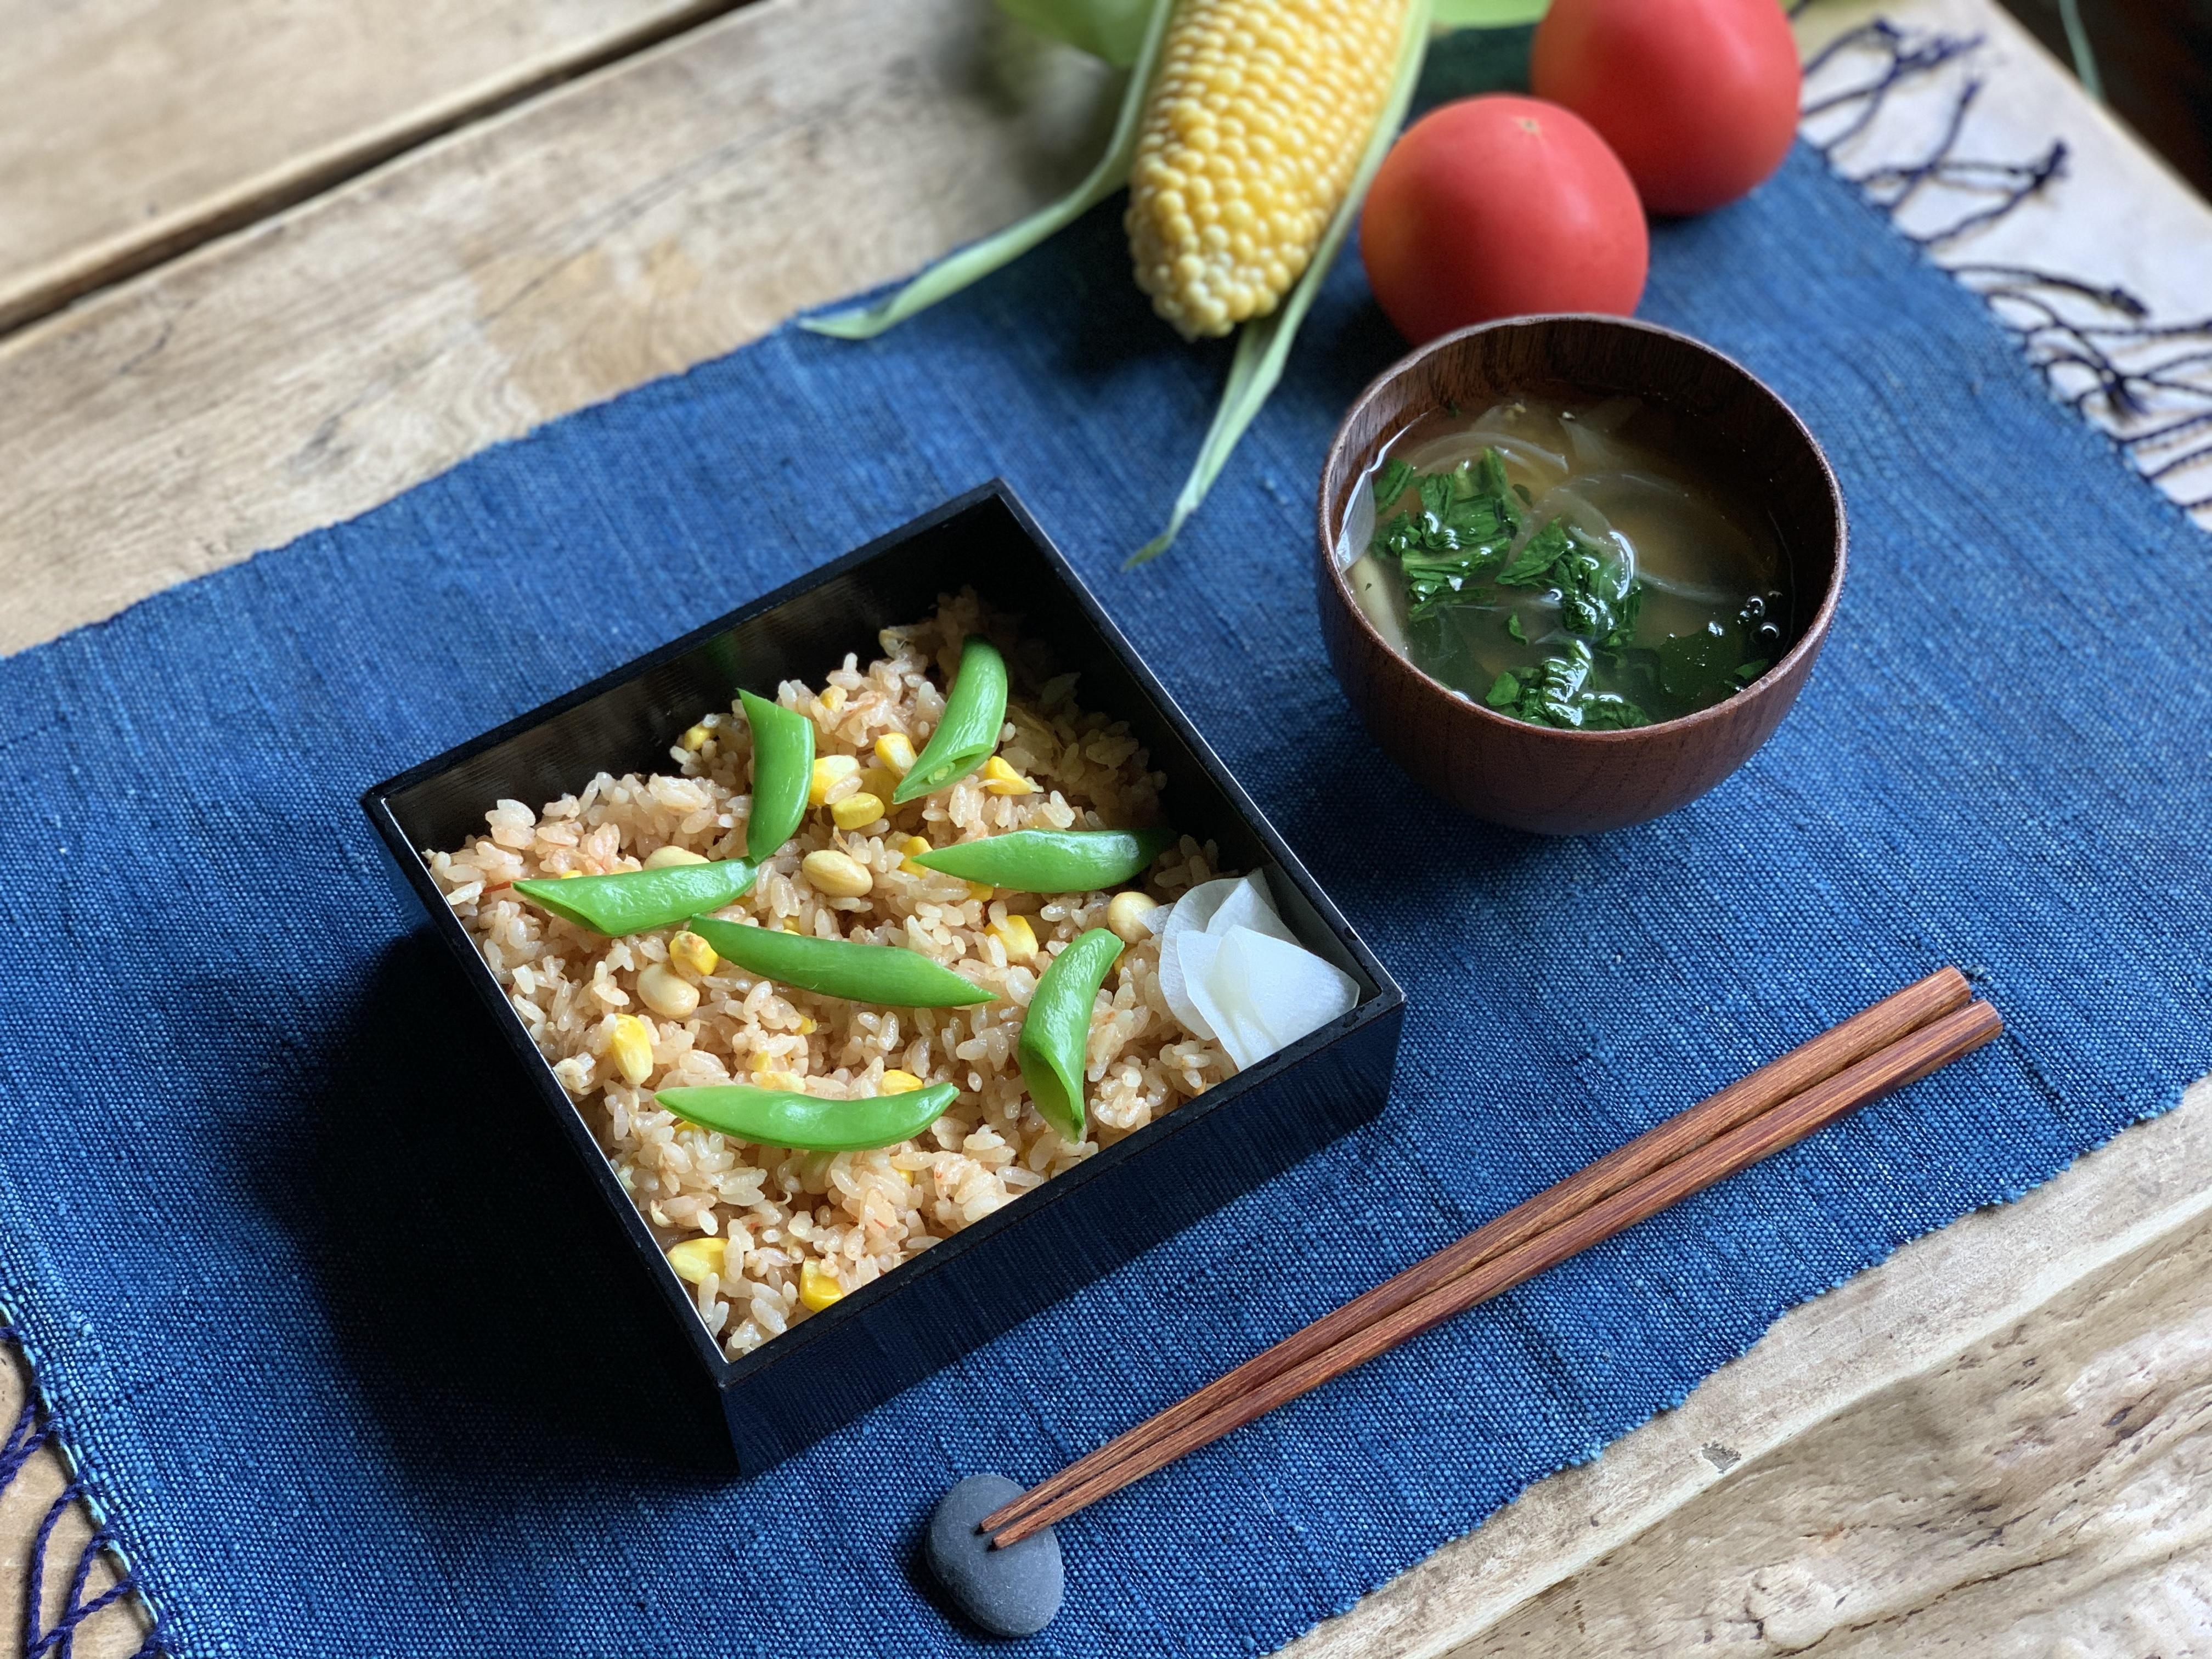 有機認証の食材でつくる 夏の炊き込みごはん、はじまります。